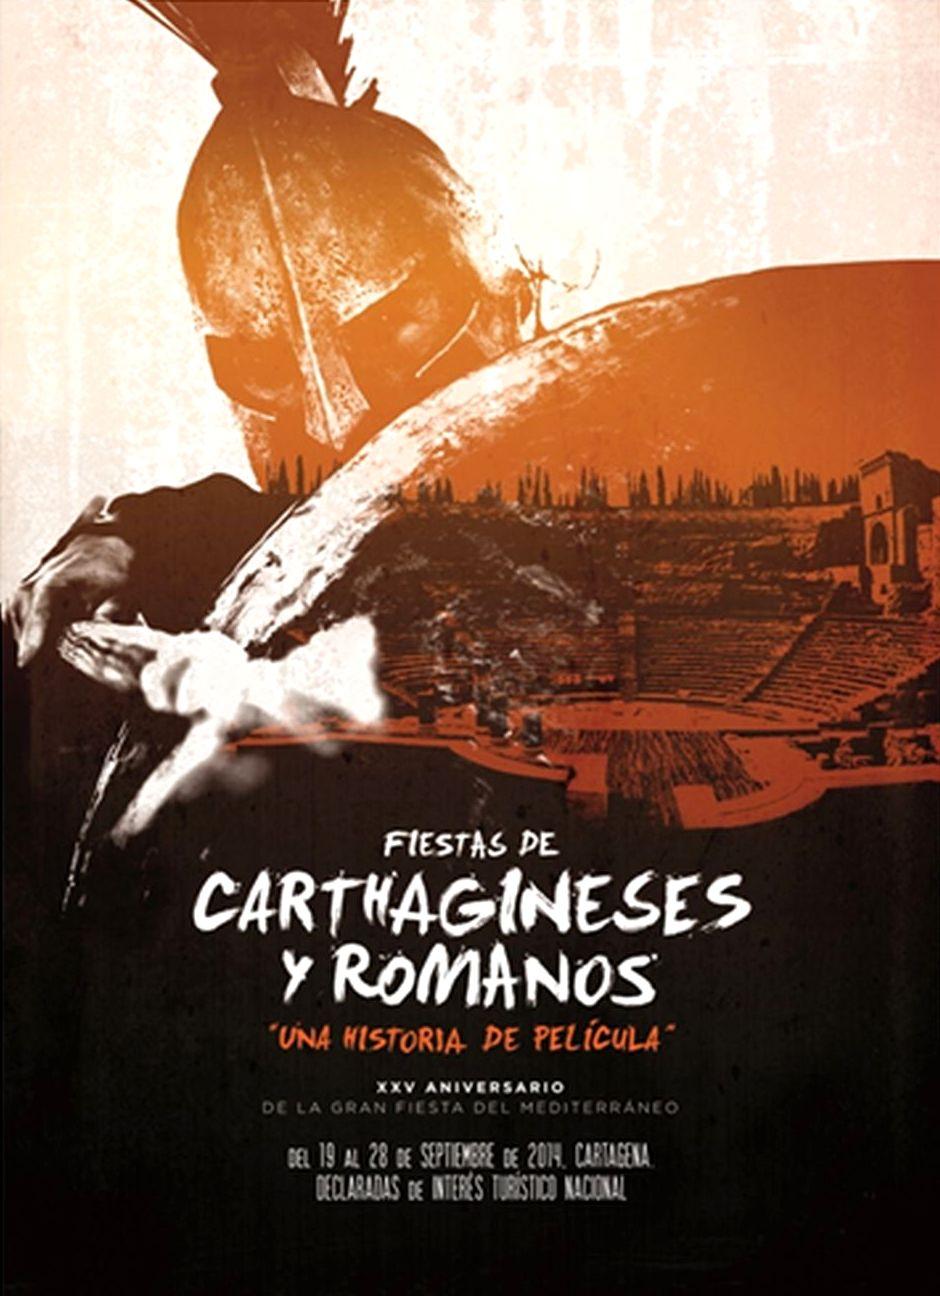 Fiestas de Carthagineses y Romanos 2014